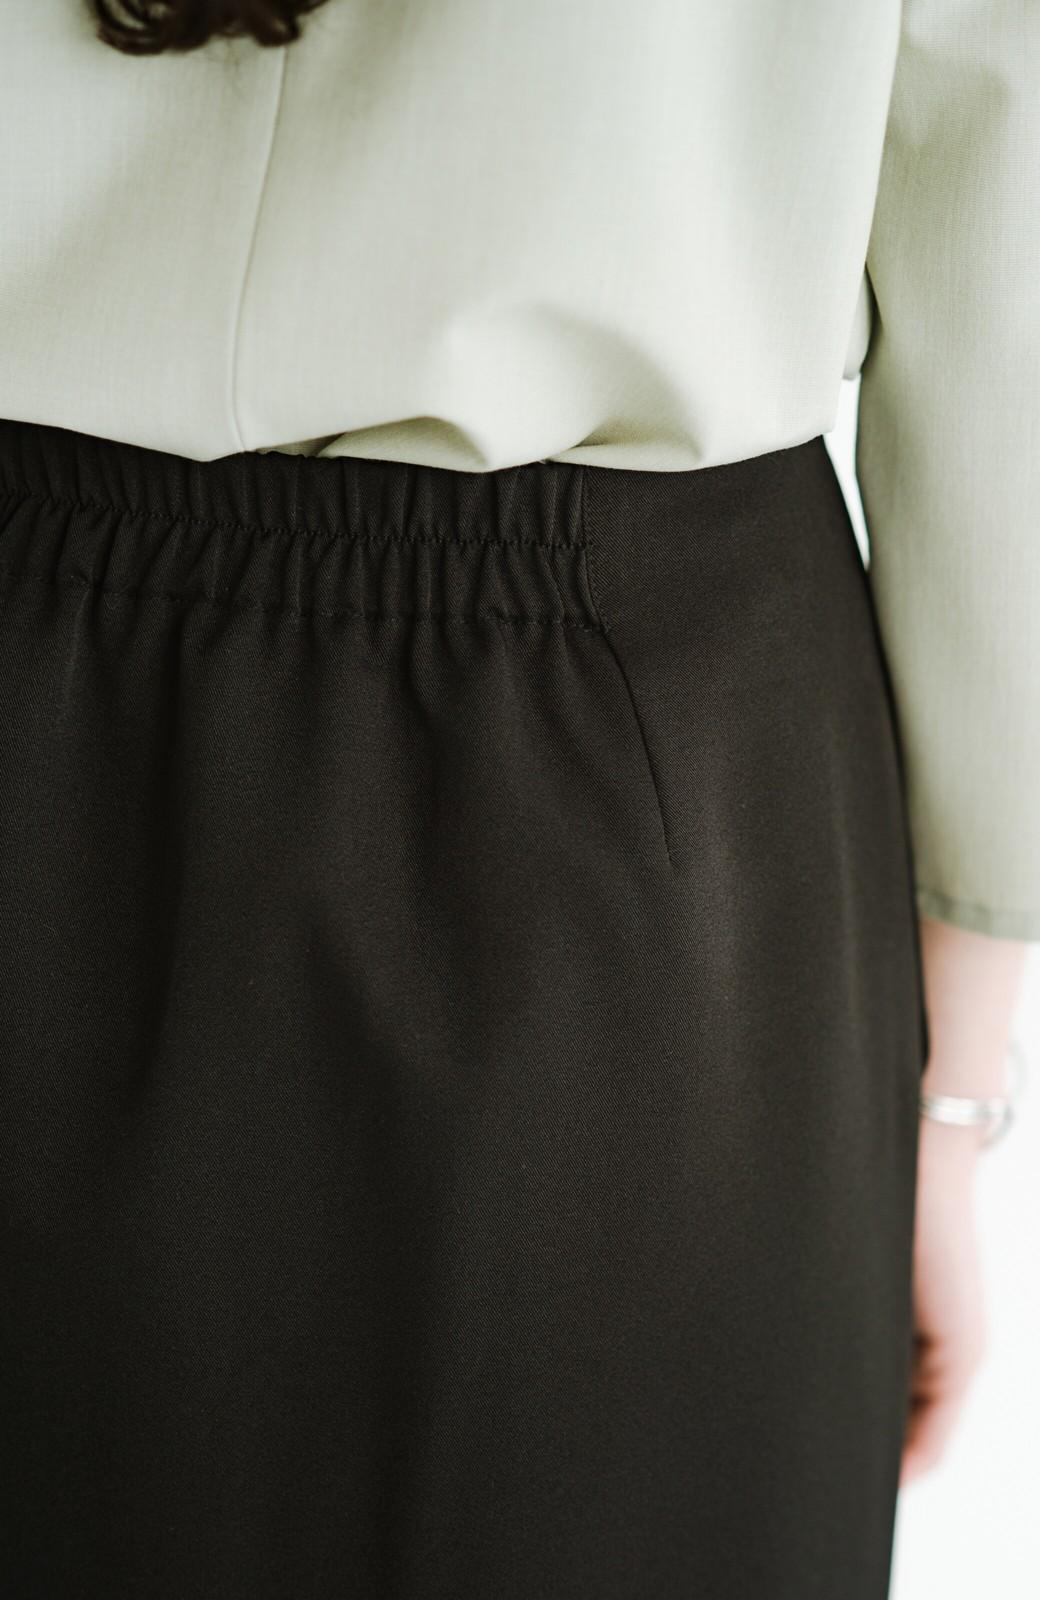 haco! 【シンプル】これさえあればきちんとシーンも怖くない!大人のシンプルジャケット・スカート2点セット <ブラック>の商品写真33